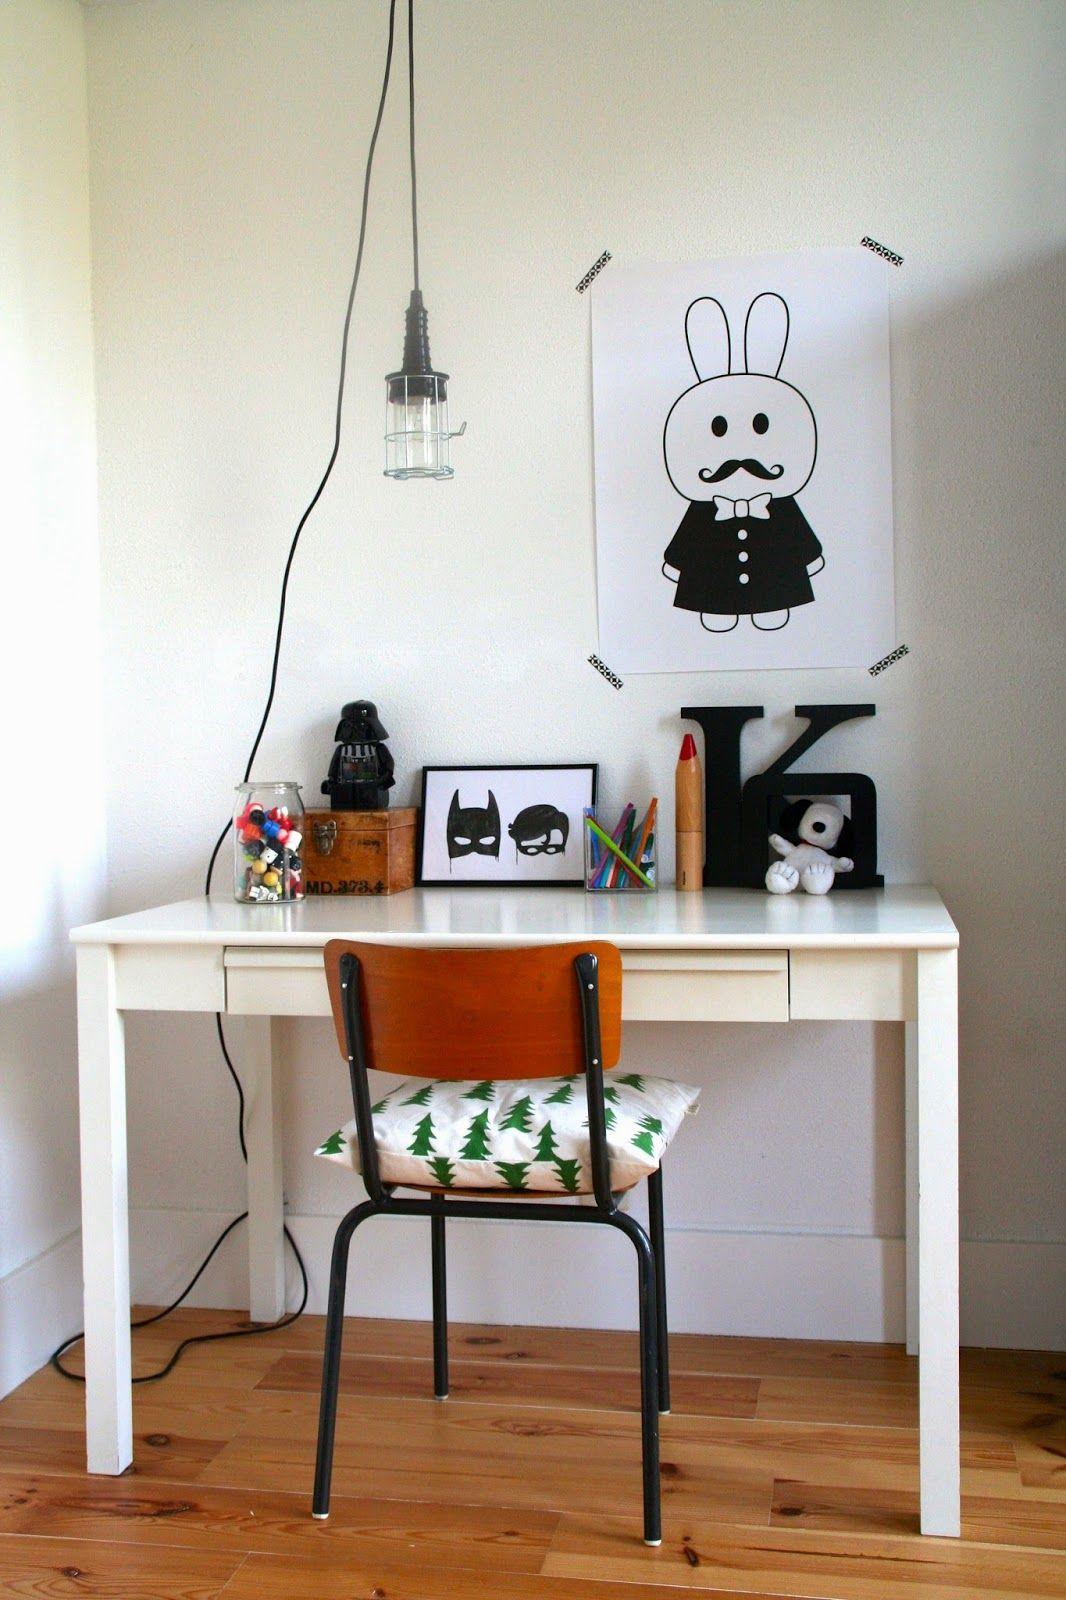 coos-je interior: make-over kids room.